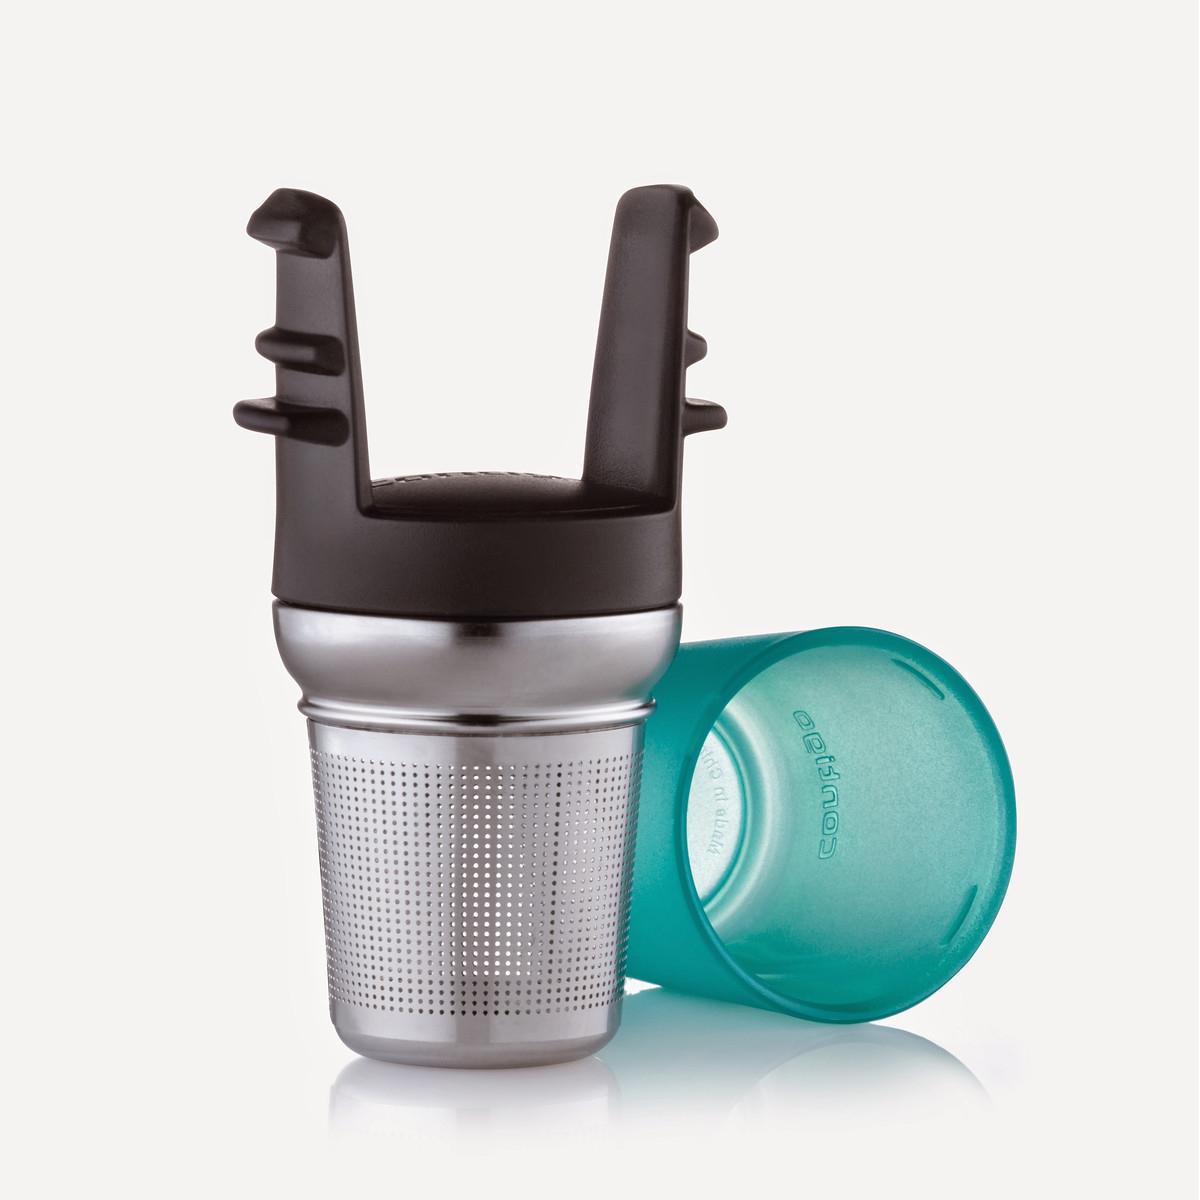 Ситечко для заваривания чая Contigo, для кружек серии West Loopcontigo0092Ситечко для заваривания чая Contigo изготовлено из металла и пластика и предназначено специально для кружек Contigo серии West Loop. Ситечко прекрасно подходит для заваривания любого вида чая. Изделие очень легко использовать: просто засыпьте в ситечко заварку и опустите его в кружку. Для удобства хранения ситечко имеет пластиковую крышку, которая надежно закрывает фильтрующую часть. Стильное и функциональное ситечко станет незаменимым атрибутом чаепития. Размеры ситечка (металлической части): 6,5 х 5 х 5 см. Высота фильтрующей части: 4,5 см. Общие размеры конструкции: 10,5 х 5 х 5,7 см.